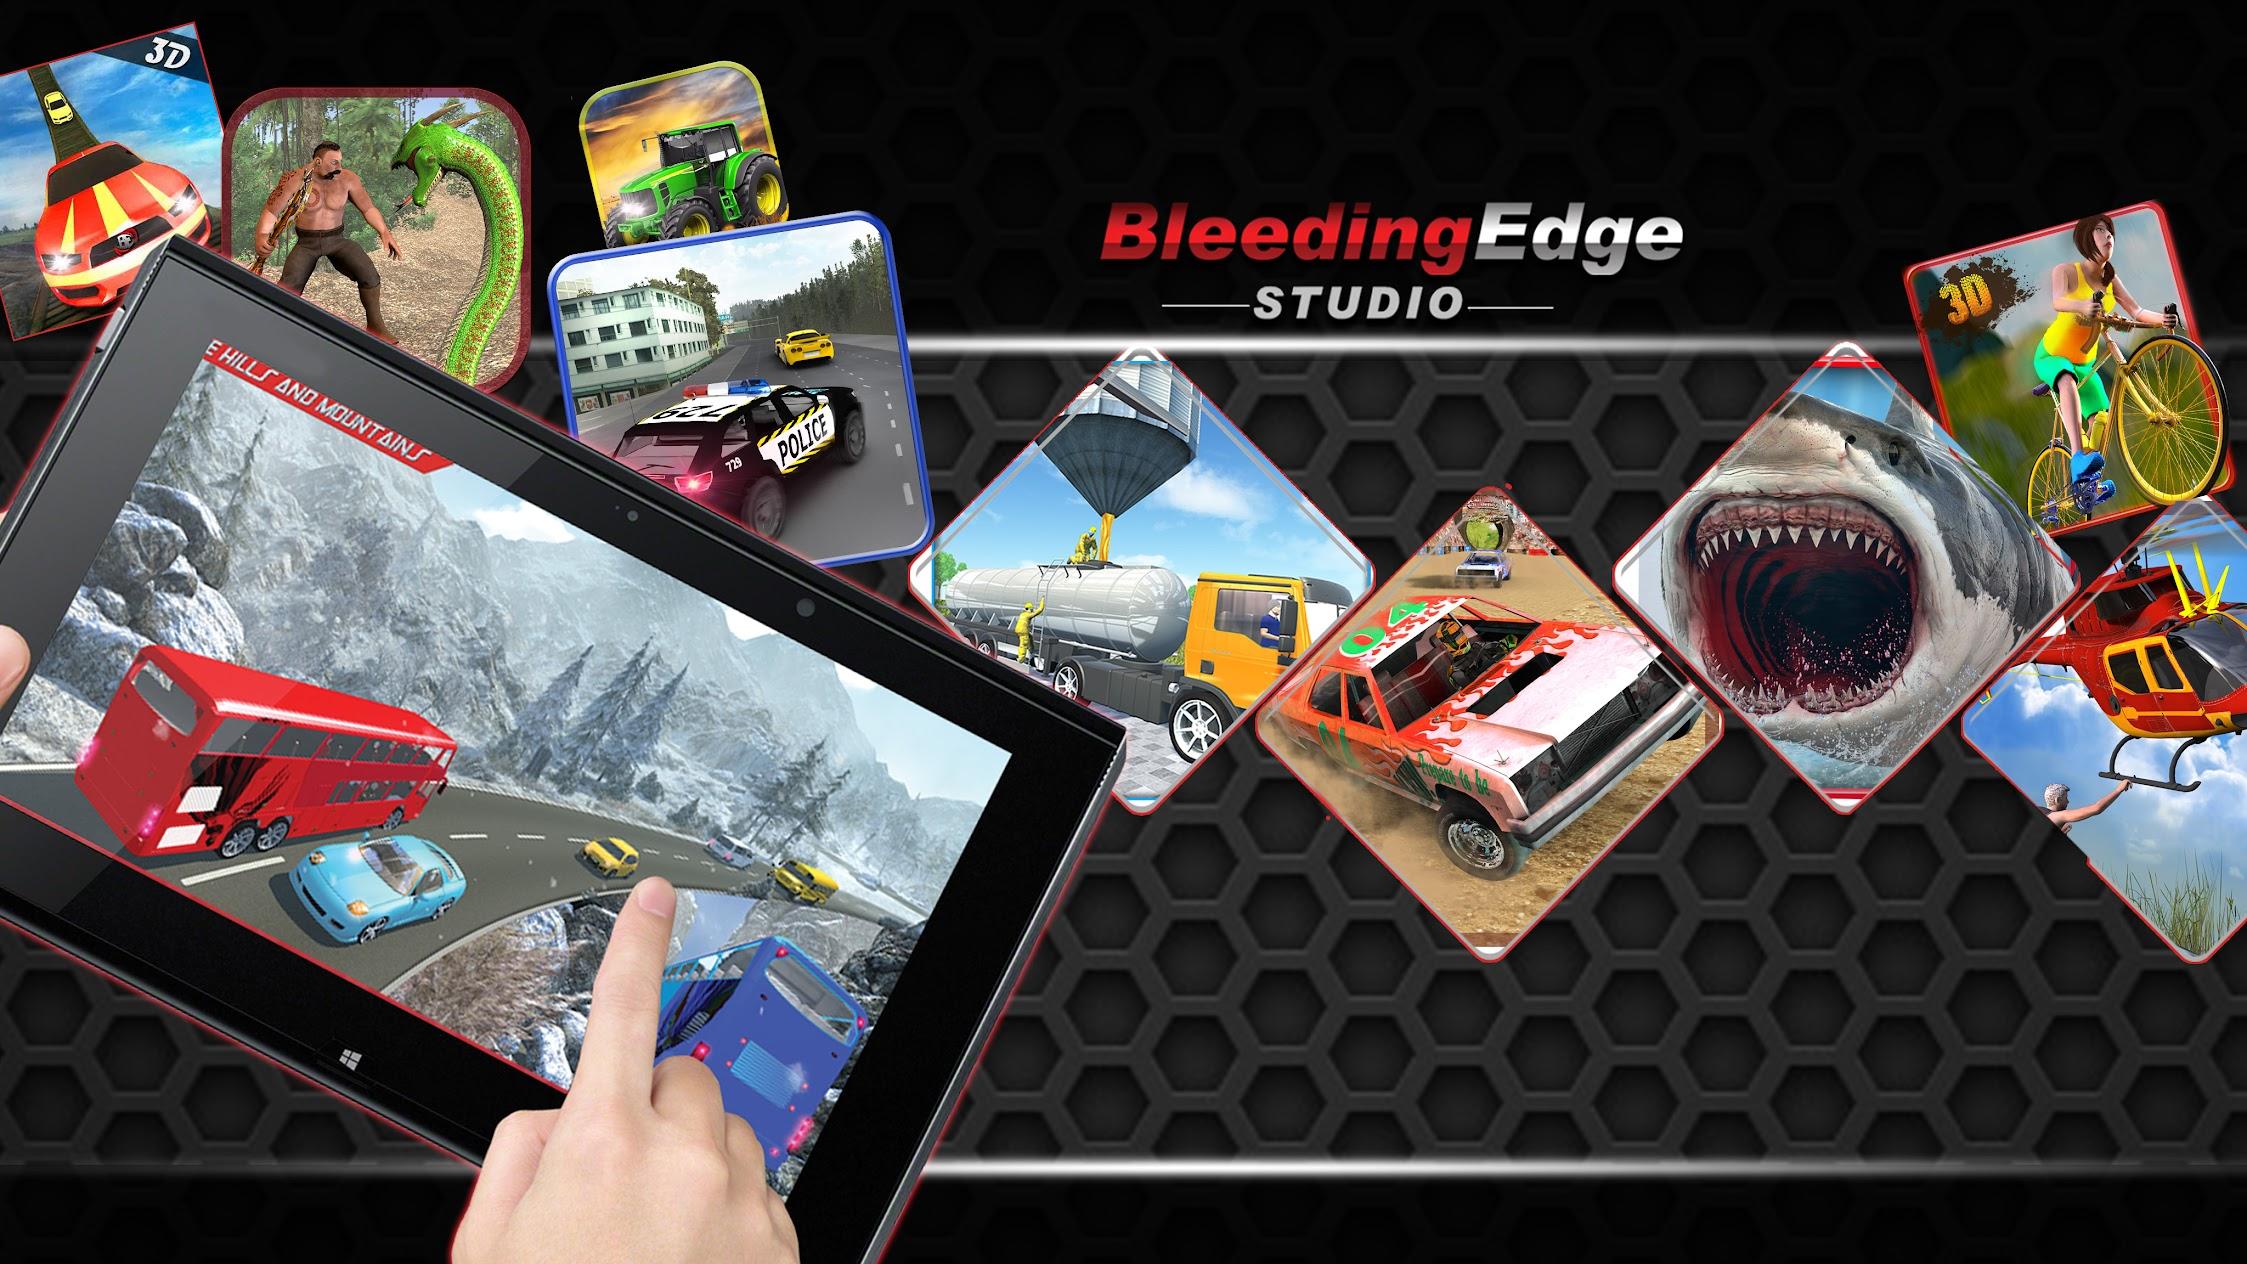 Bleeding Edge Studio